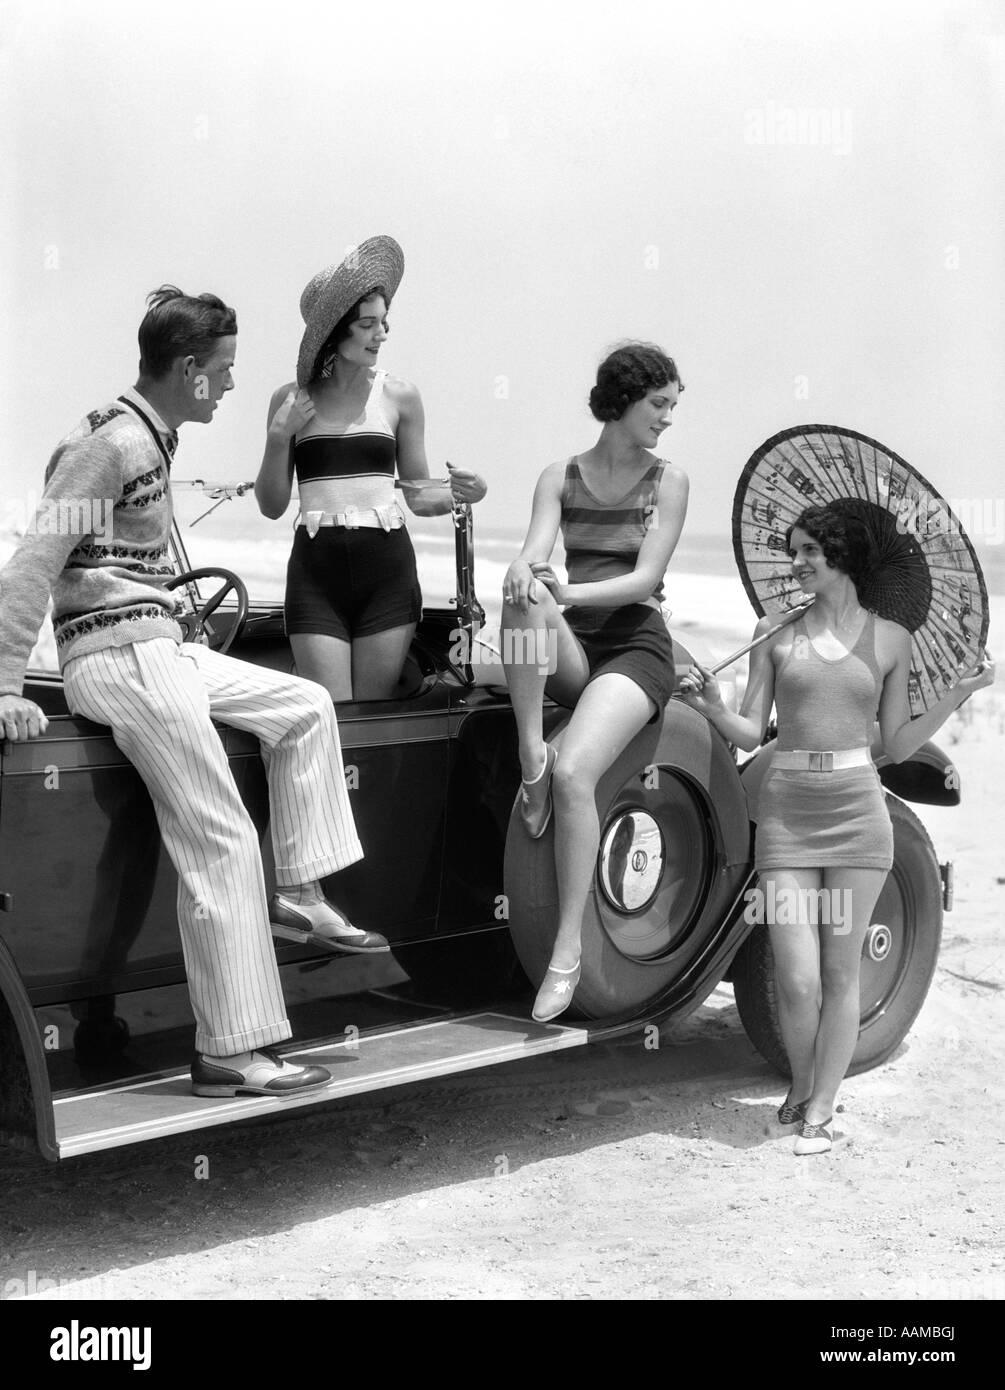 1920 1930 EL HOMBRE Y TRES MUJERES EN ROPA DE PLAYA O TRAJES DE BAÑO posando con el coche en marcha JUNTA Foto de stock